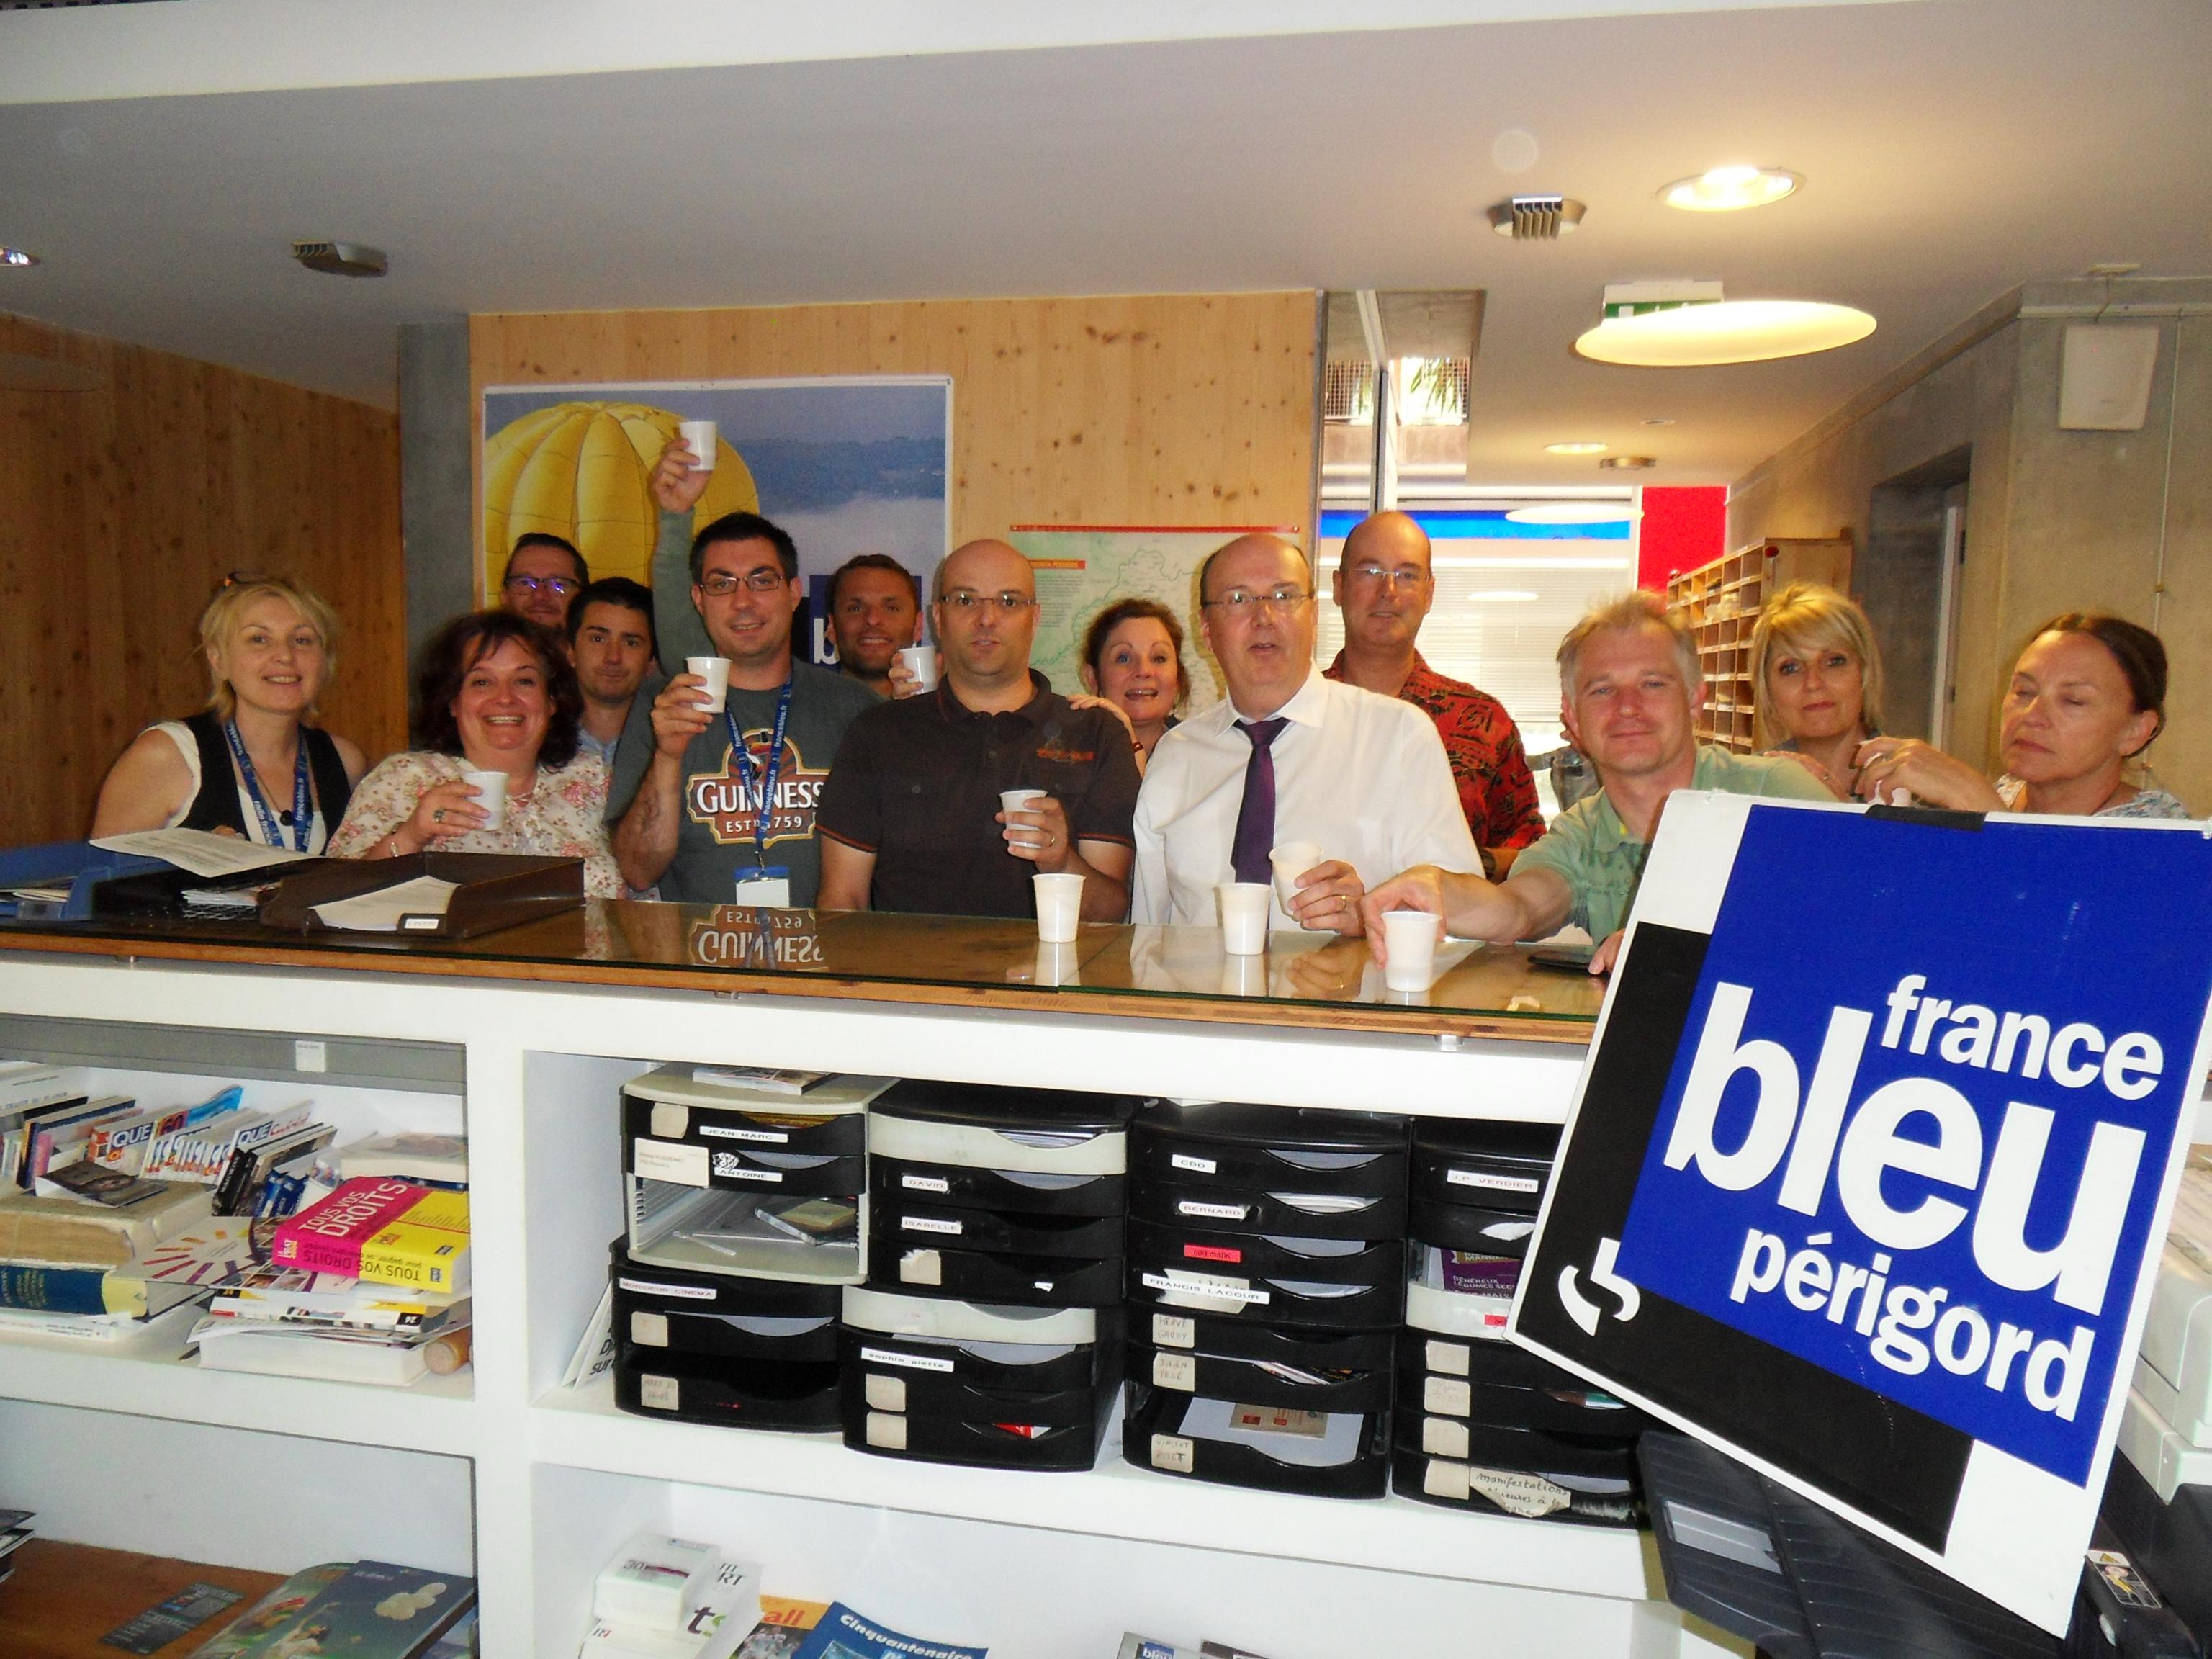 Le directeur Jean-Dominique Warlop entouré de la sympathique équipe de France Bleu Périgord a dévoilé hier matin les temps forts de la grille d'été